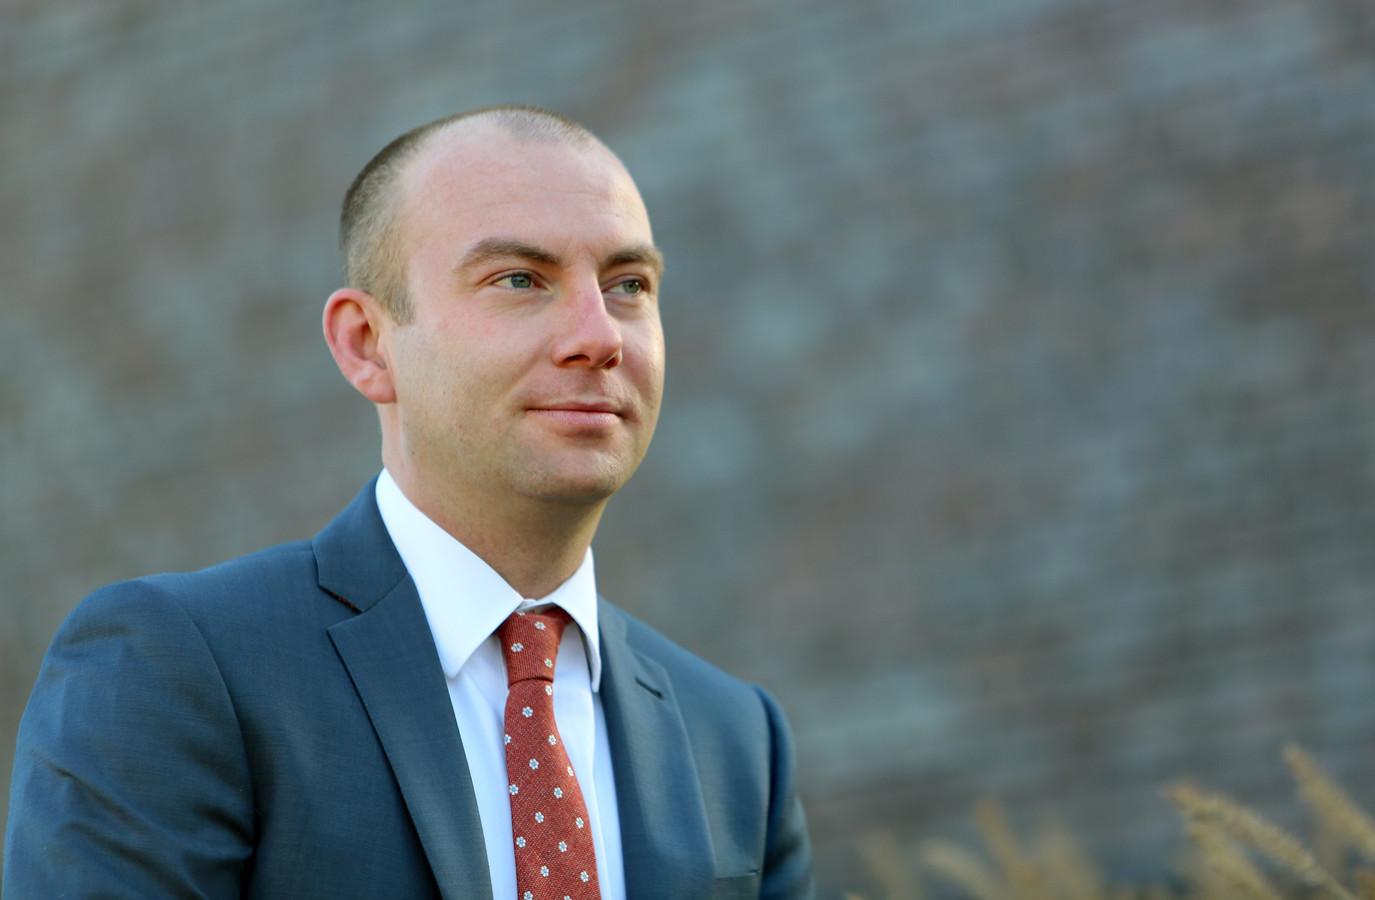 Vincent van Neerbos, de nieuwe burgemeester van West Maas en Waal.